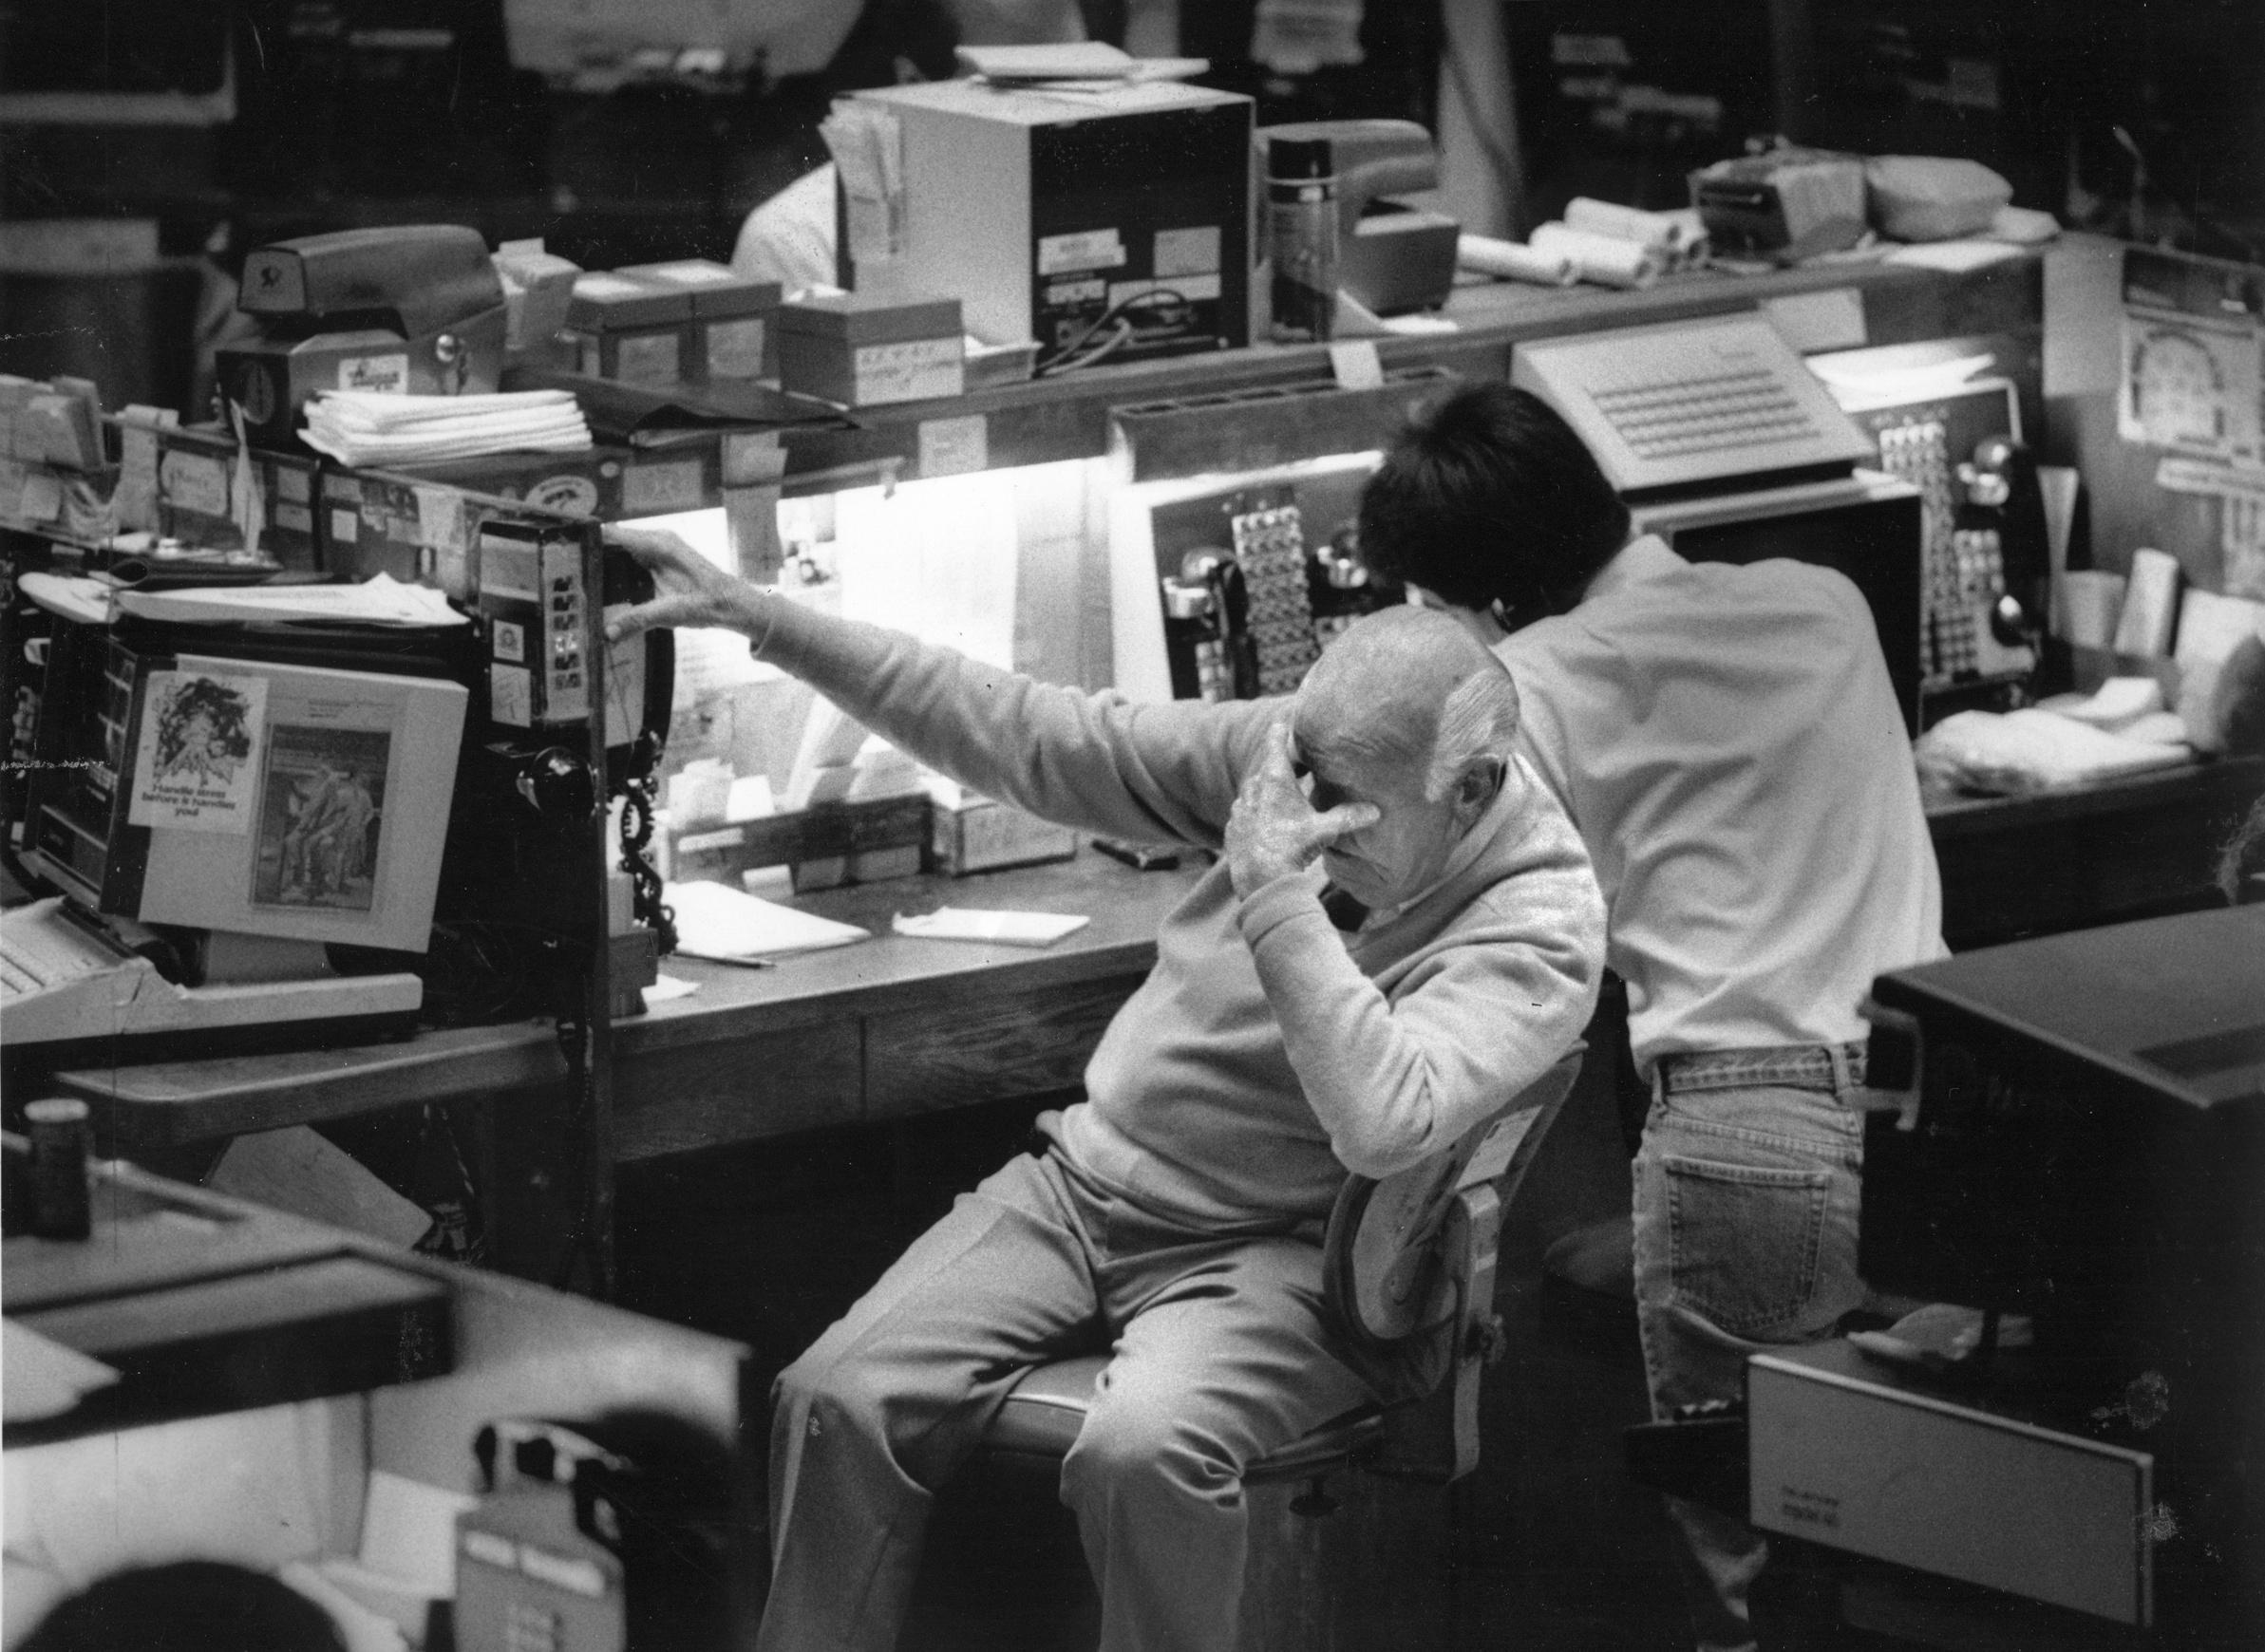 Bursa Efek Pasifik pada ″ Black Monday ″, hari di mana Pasar Saham turun 509 poin dalam satu hari.